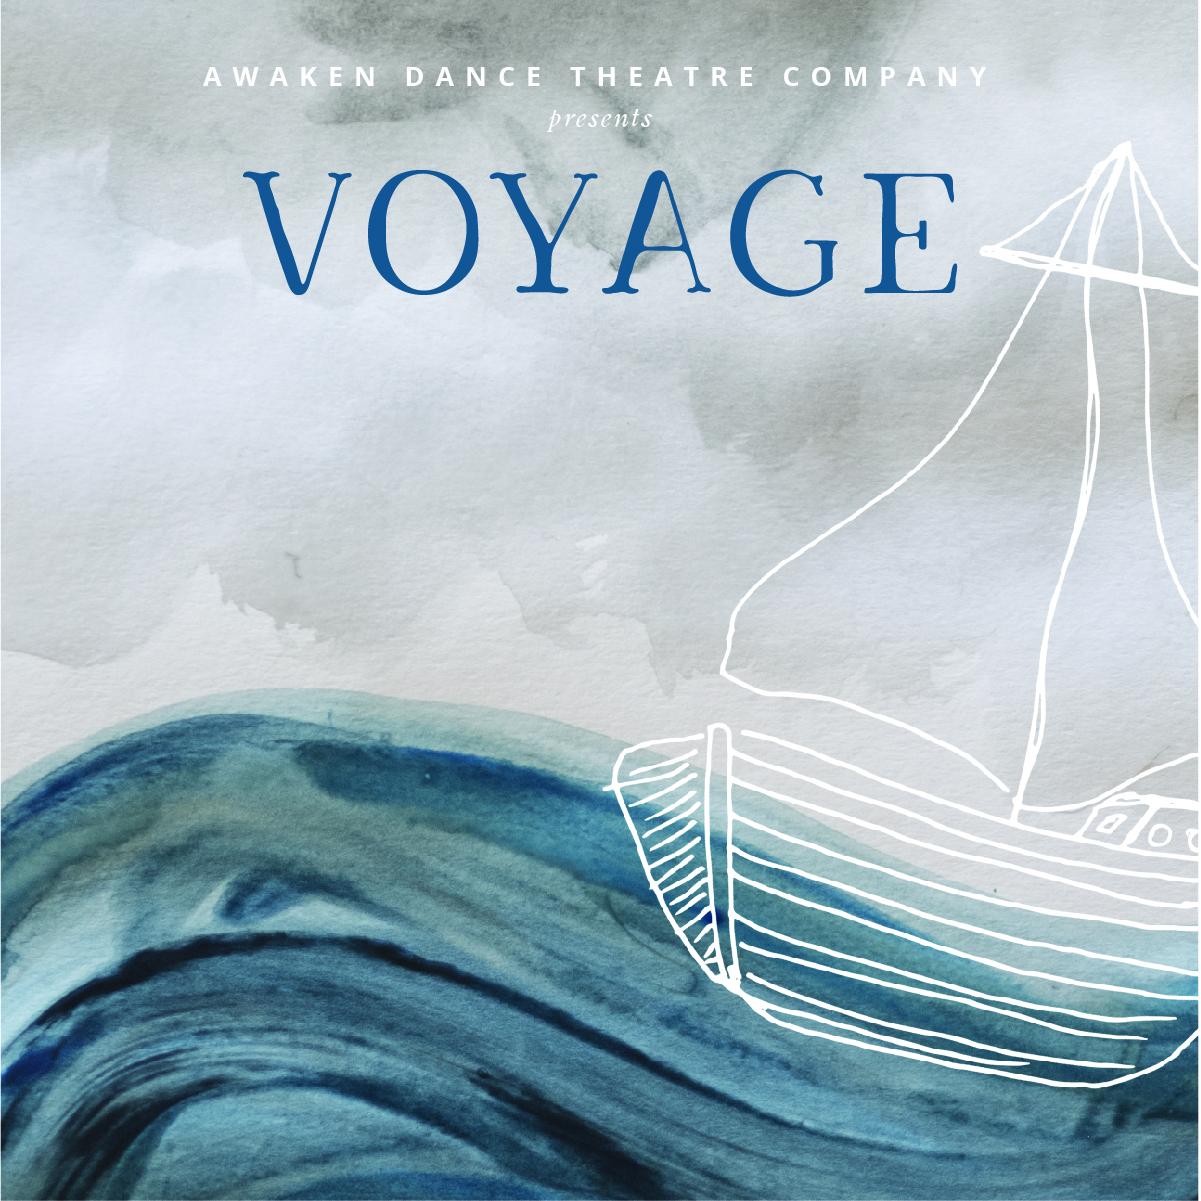 Voyage for website.jpg